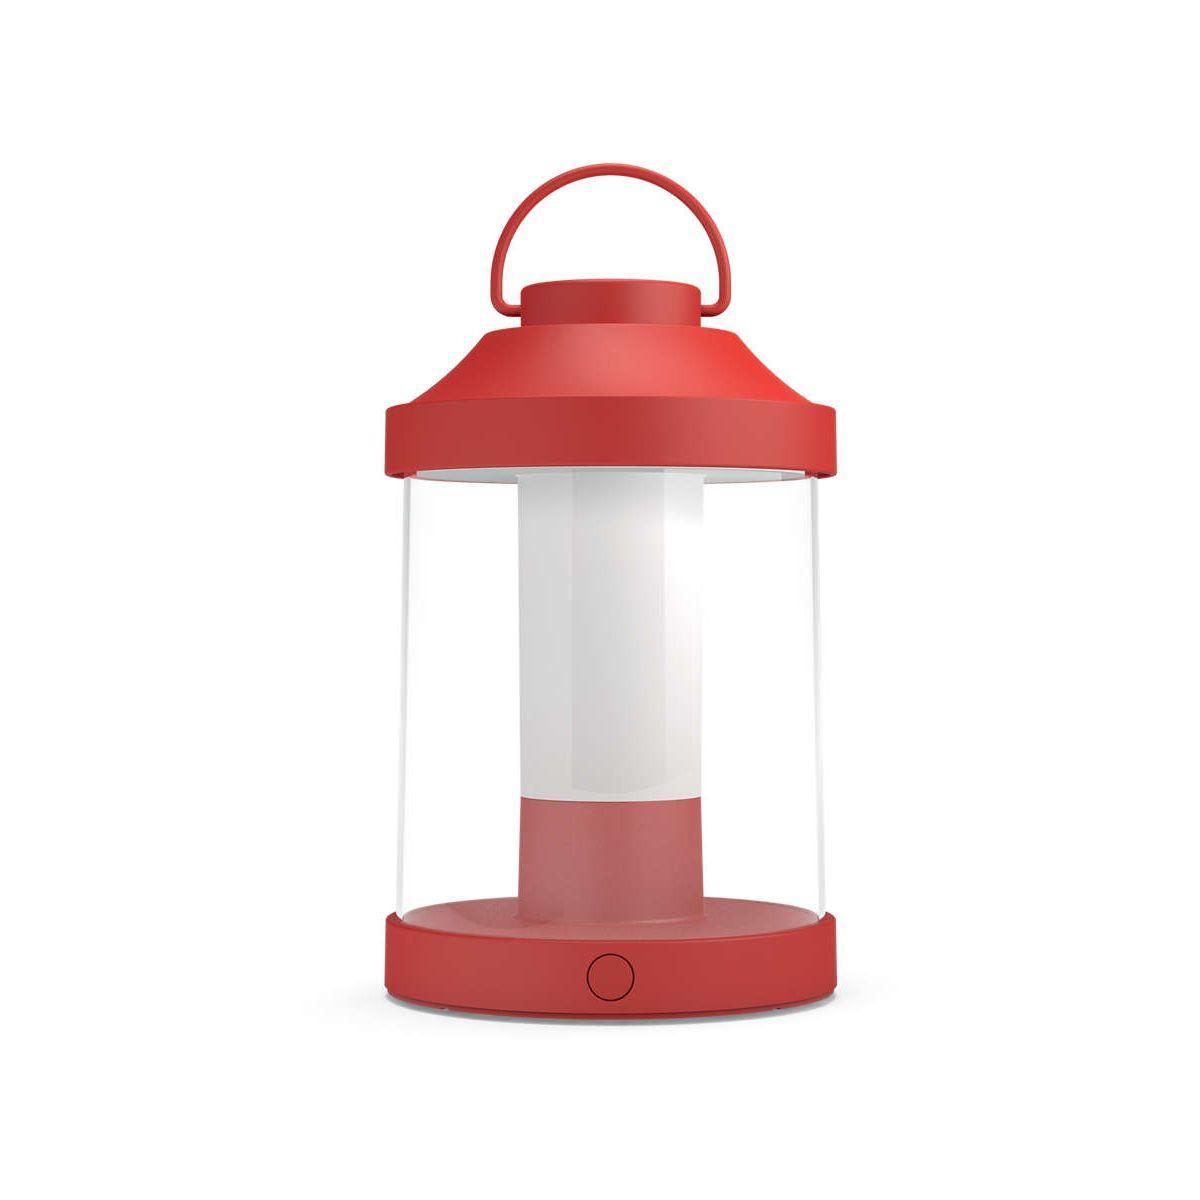 Lanterne philips portable abelia - rouge - 7% de remise imm�diate avec le code : school7 (photo)